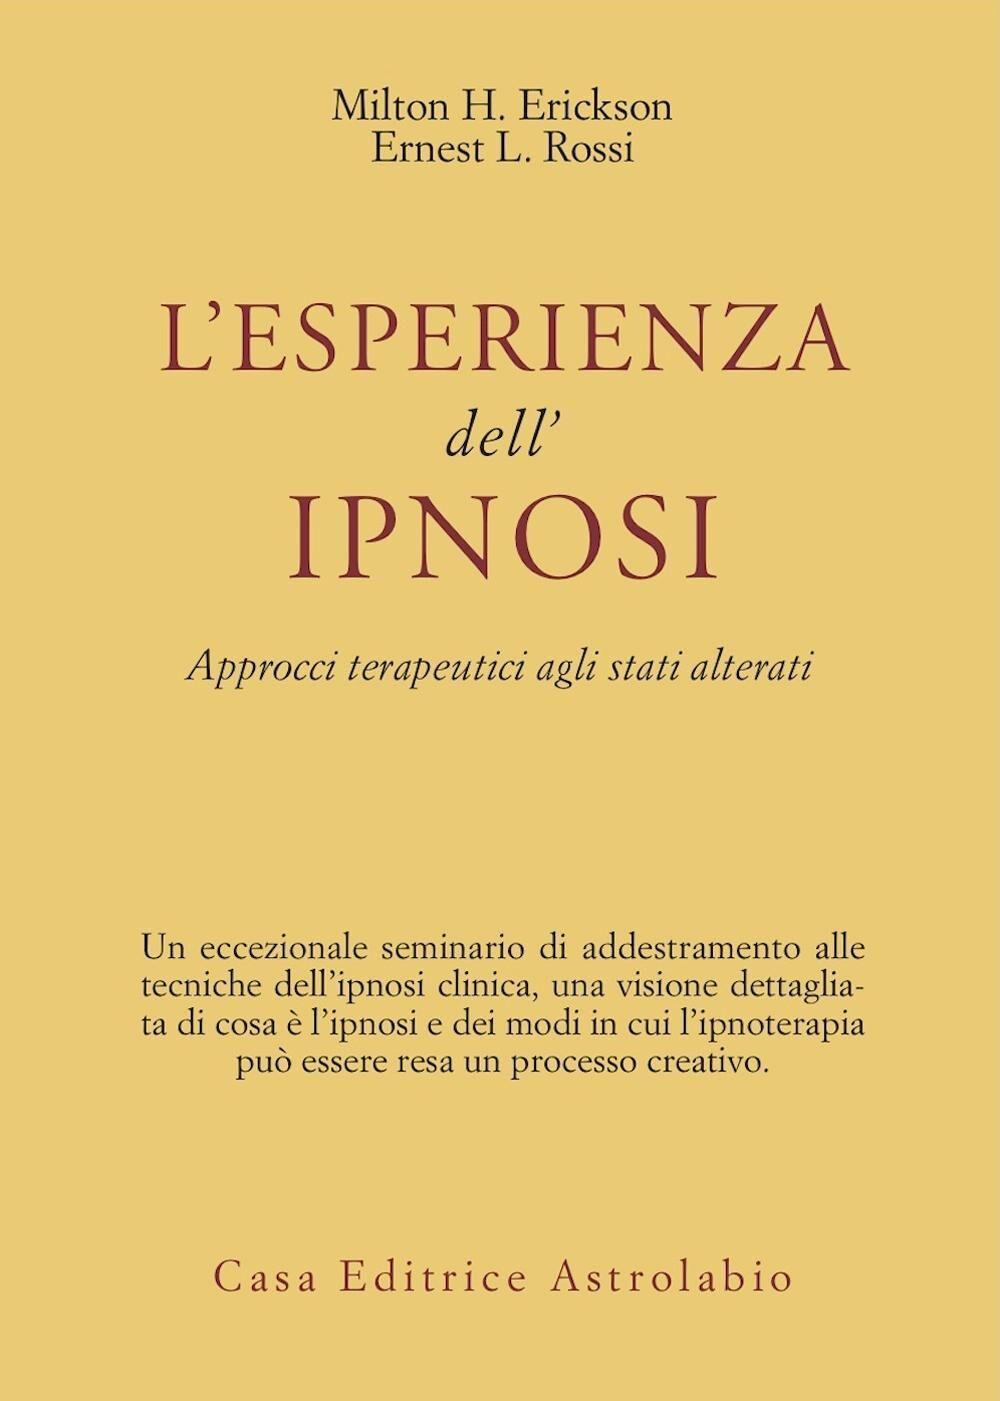 L' esperienza dell'ipnosi. Approcci terapeutici agli stati alterati